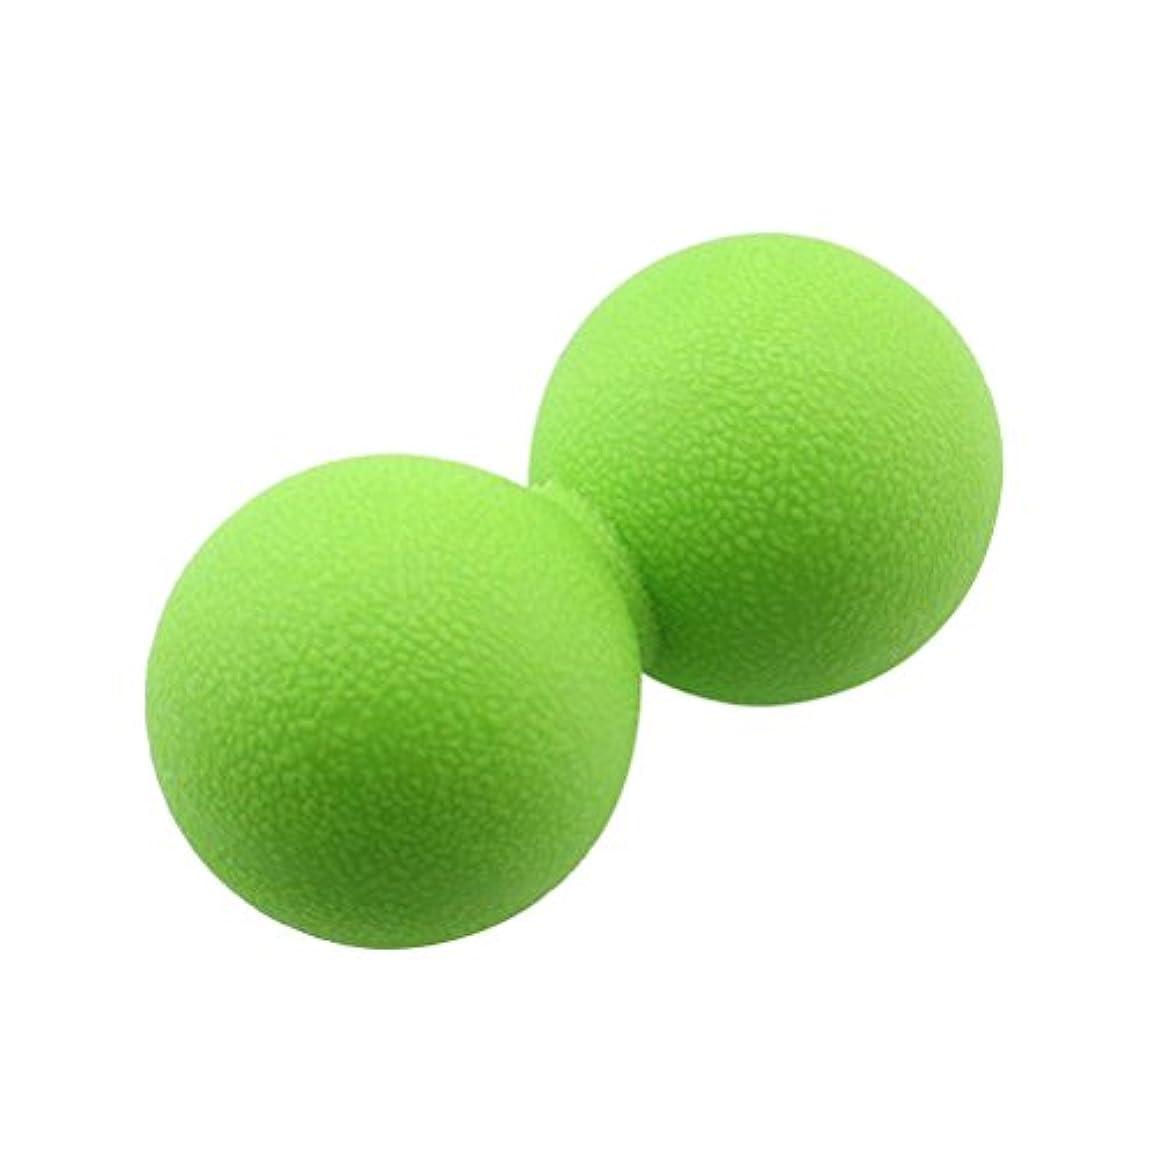 背が高い教え遺産VORCOOL マッサージボール ストレッチボール ハードタイプ トリガーポイント トレーニング 背中 肩こり 腰 ふくらはぎ 足裏 ツボ押しグッズ スーパーハードタイプ 筋肉痛を改善 運動前後(緑)